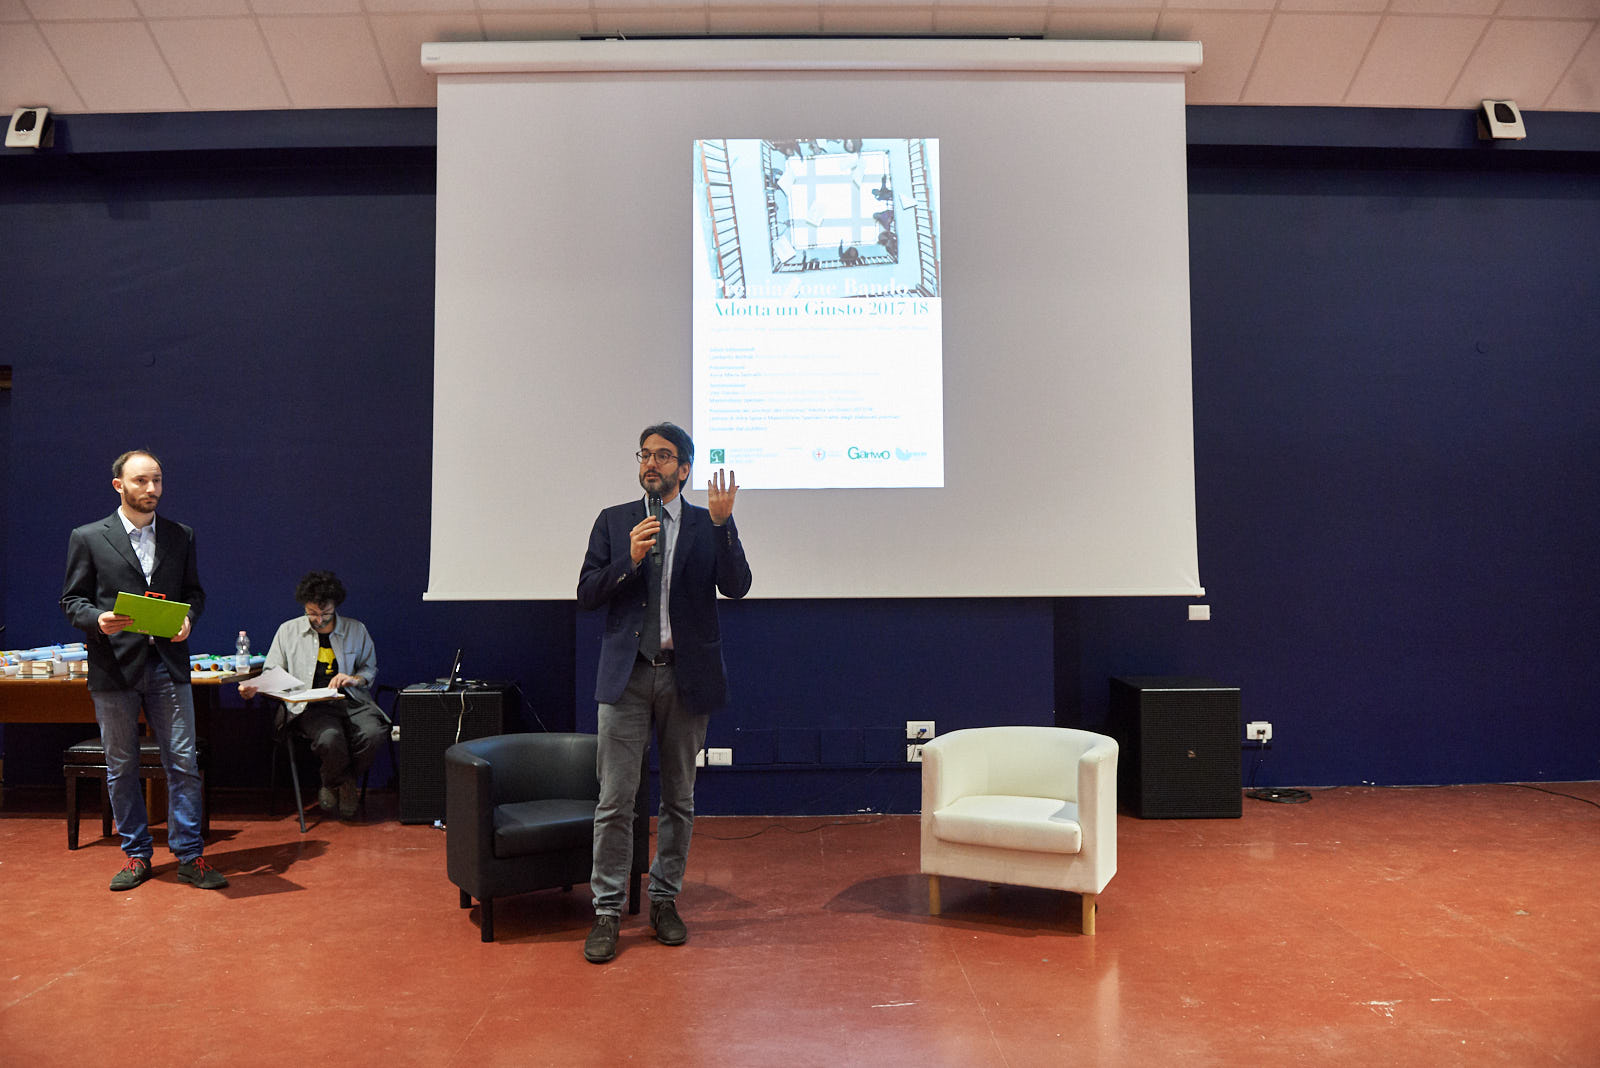 Lamberto Bertolè, Presidente del Consiglio comunale di Milano